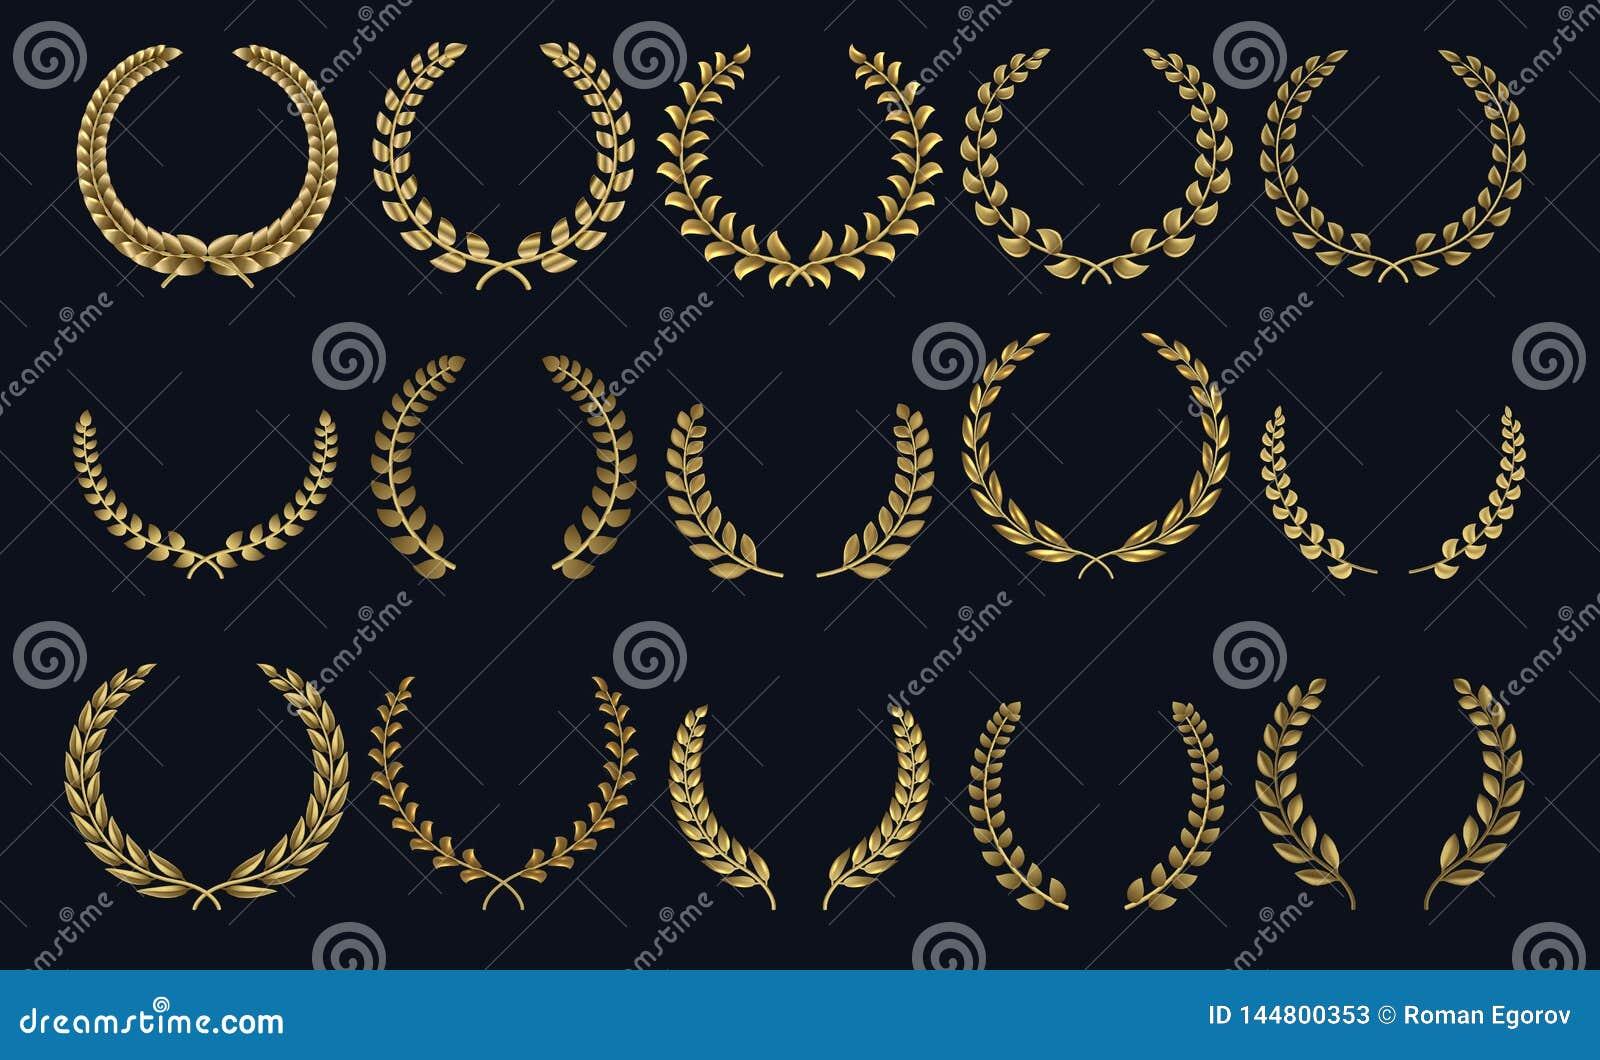 Goldener Lorbeer Wreath Realistische Krone, Blattform-Siegerpreis, bl?tteriger Kamm 3D versinnbildlicht Vektorlorbeerschattenbild